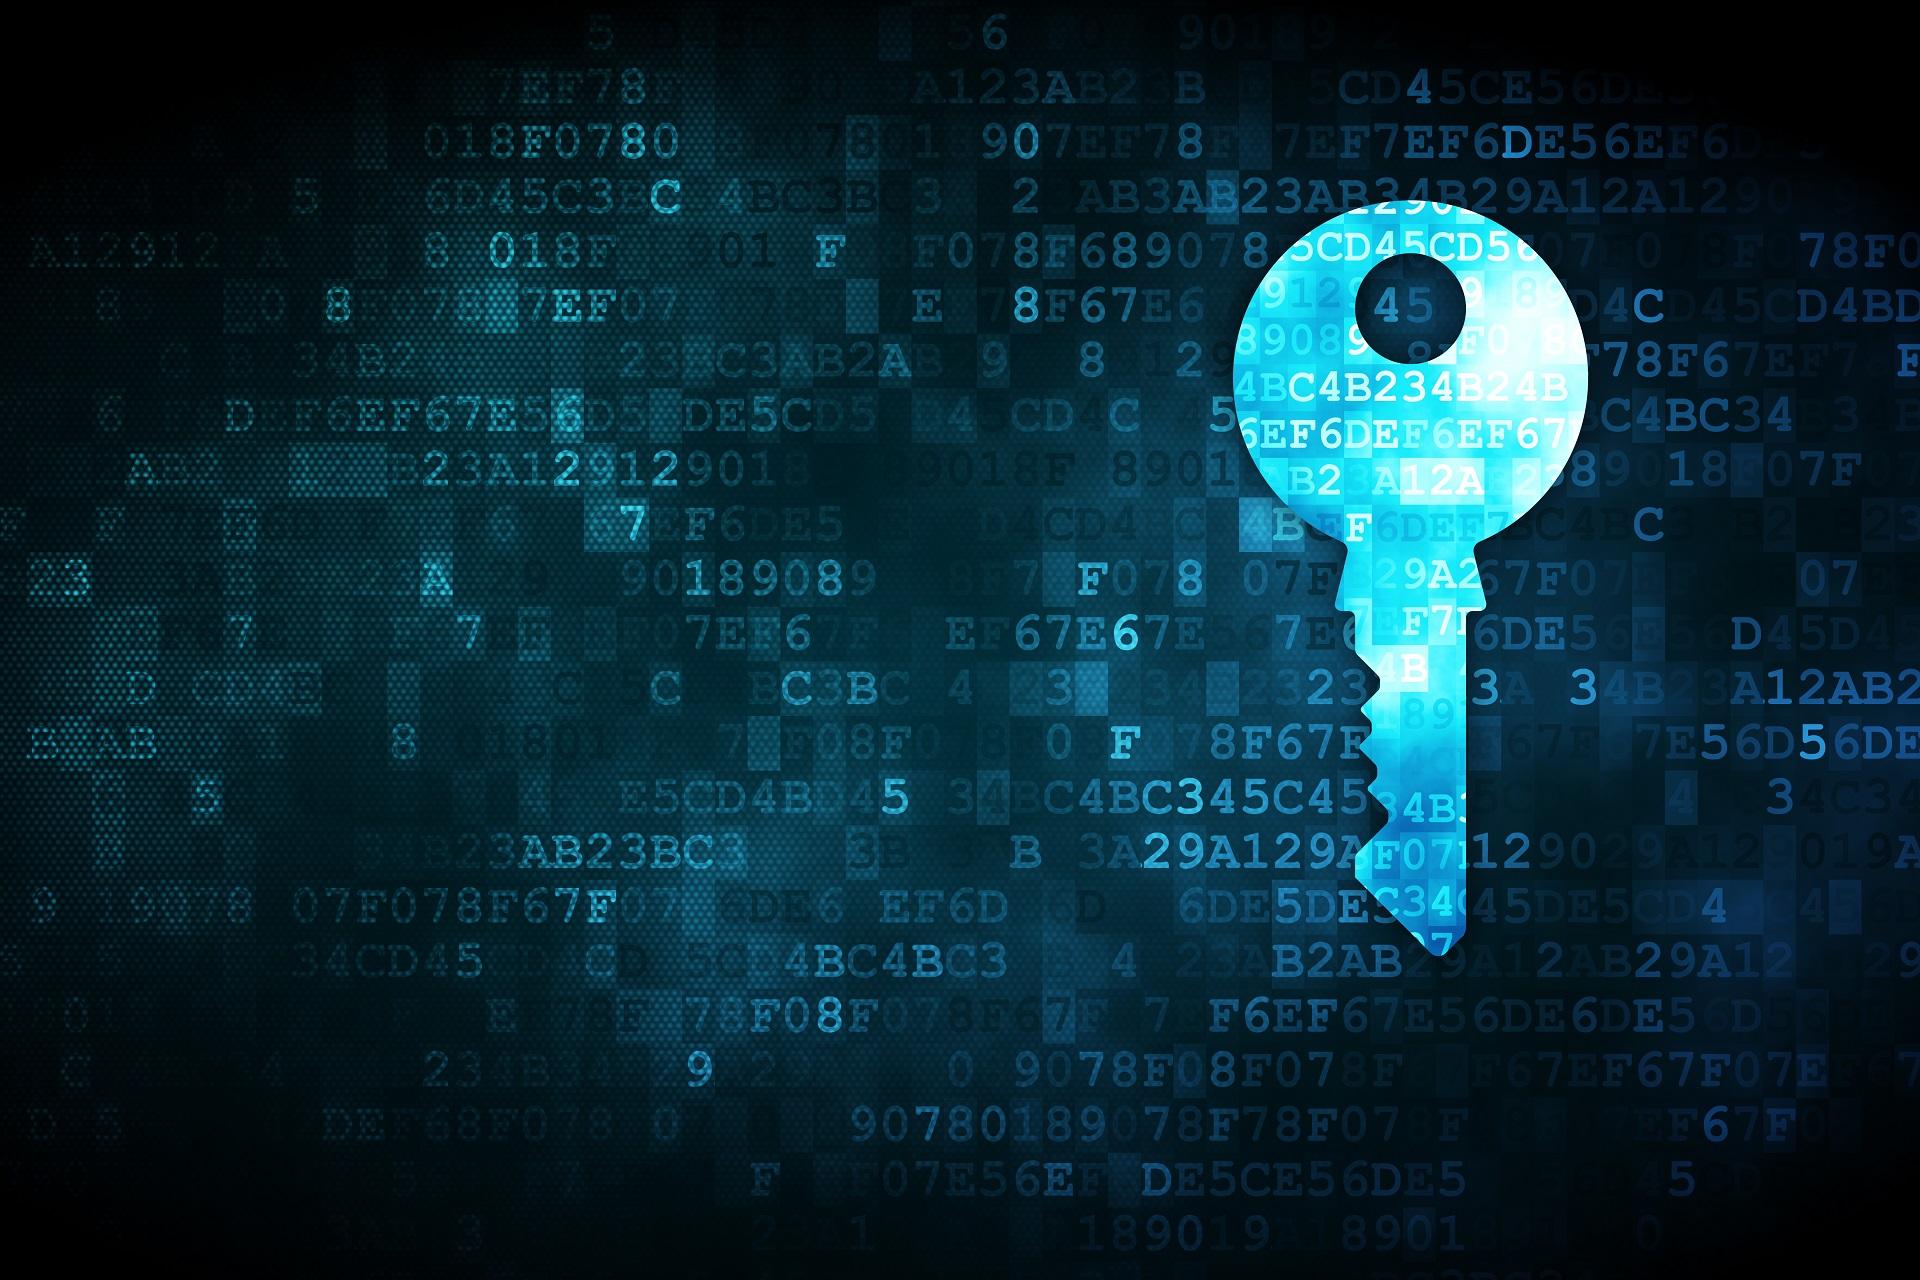 De zin en onzin van encryptie